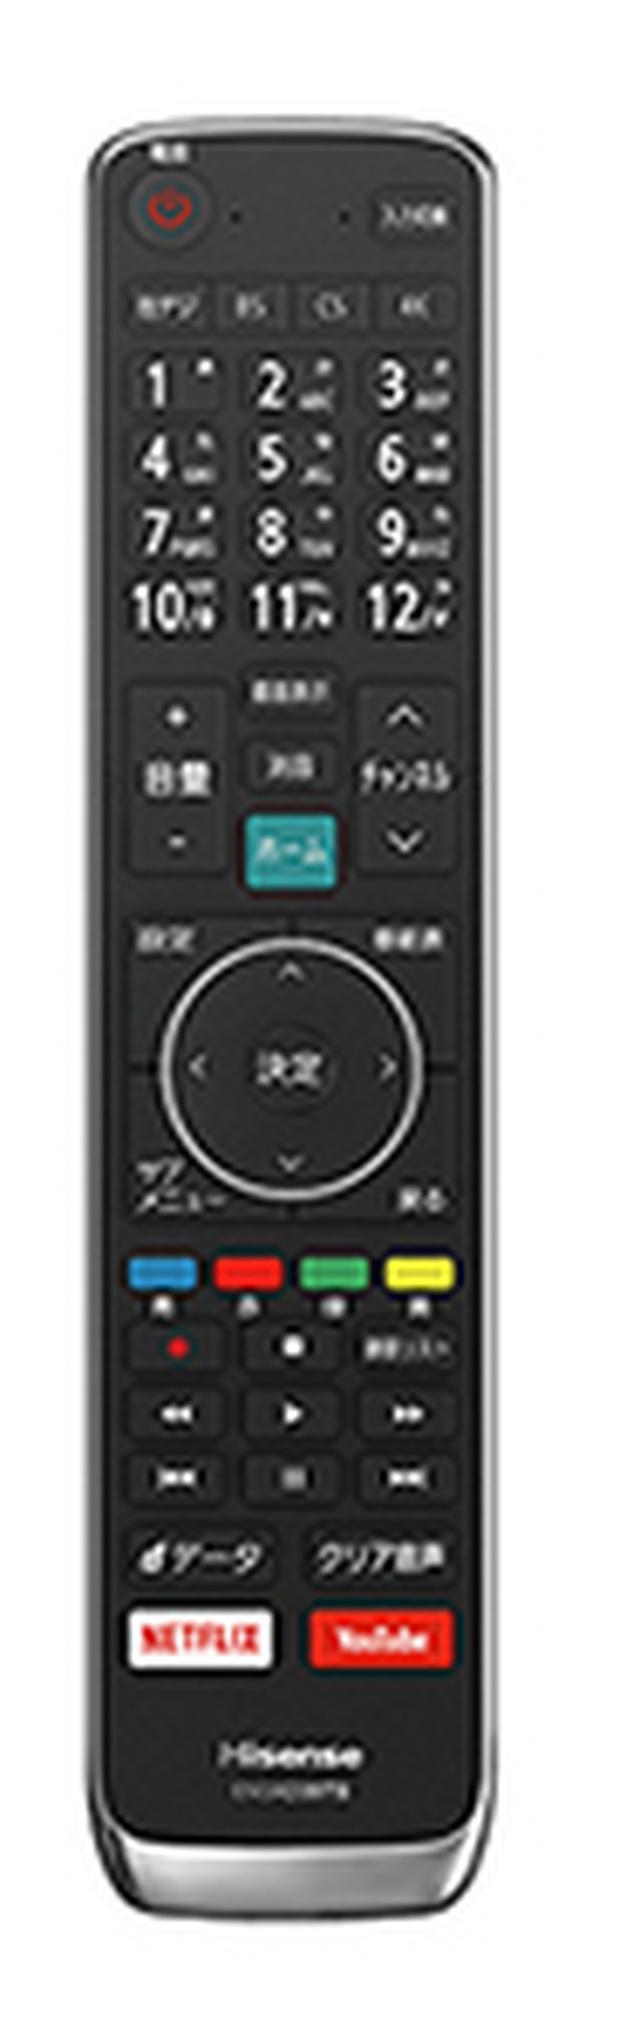 画像: 黒ベースのシンプルなリモコン。ユーザーの好みに合わせてGUIがカスタマイズできる「VIDAA」も装備。